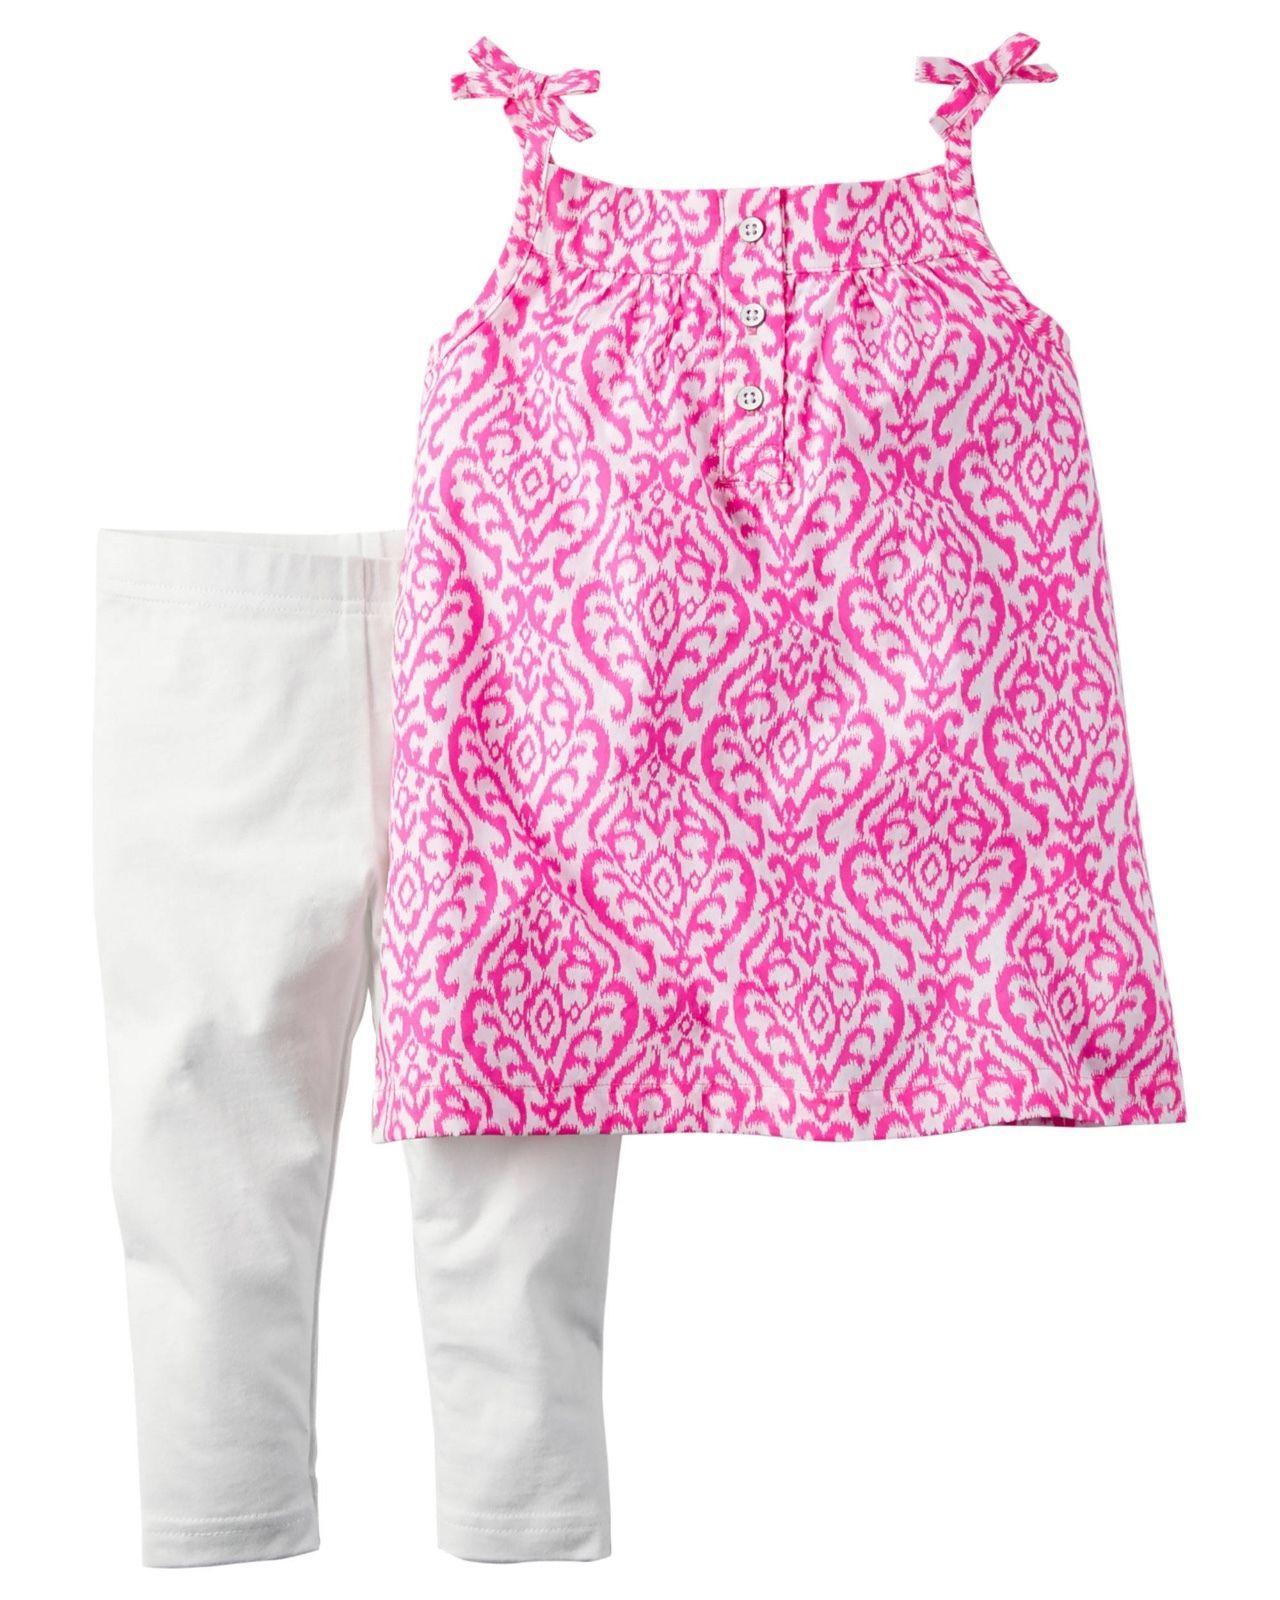 Carter/'s NWT 6M Toddler Girl Top Tunic legging Set $28